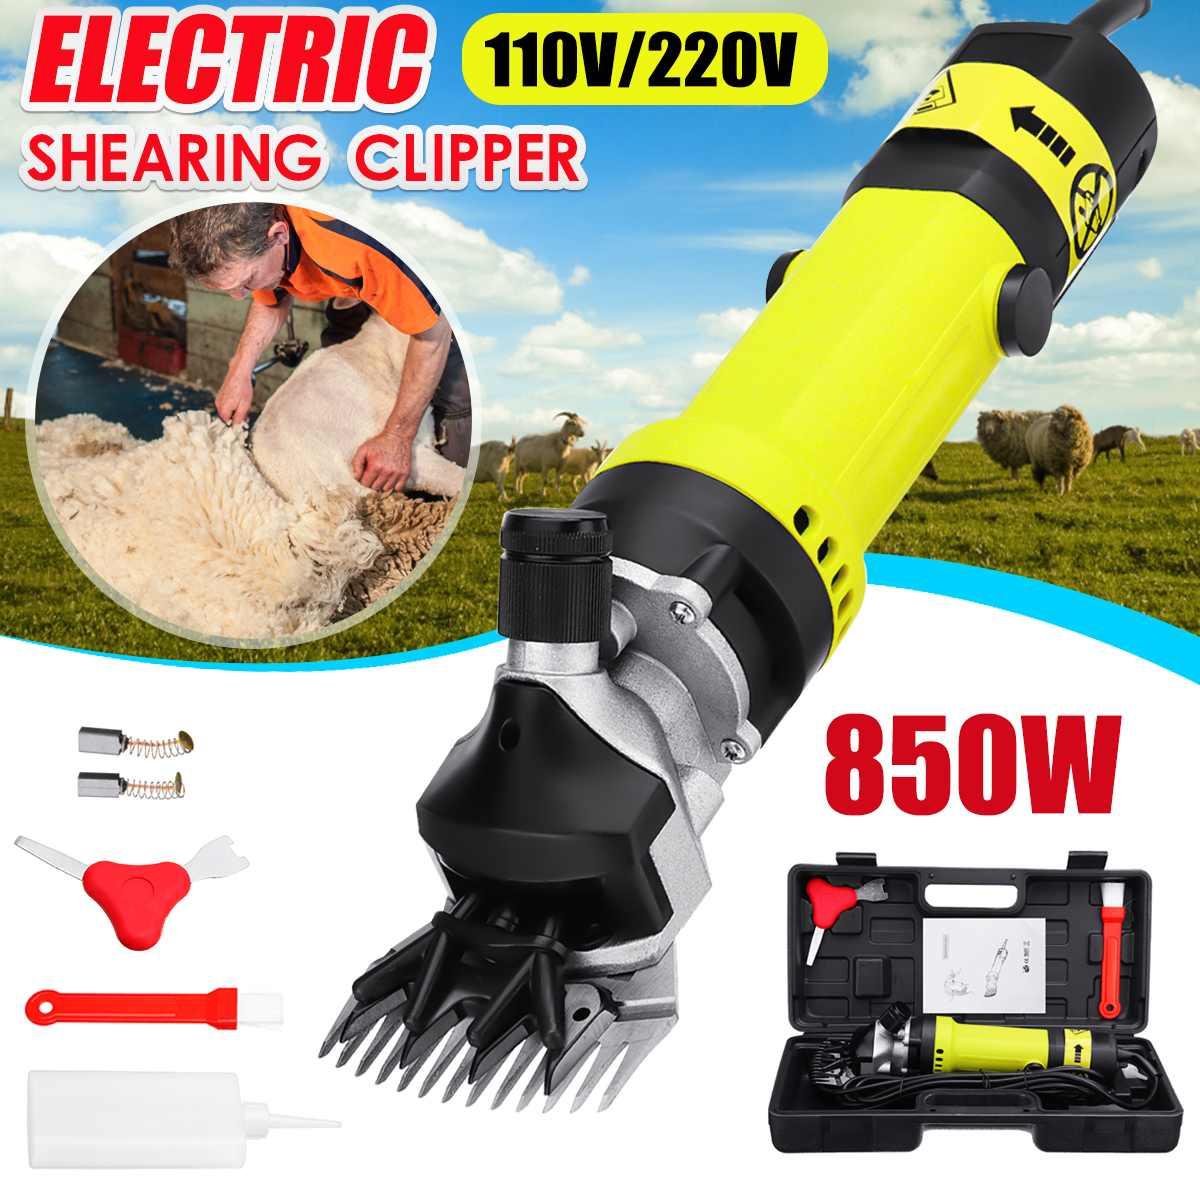 850 W US/AU Spina Elettrica Sheep Dog Peli di Animali Domestici Tagliatore di Animali Shearing Forniture Capra Alpaca Farm Macchina di Taglio w/Scatola di Velocità Regolabile